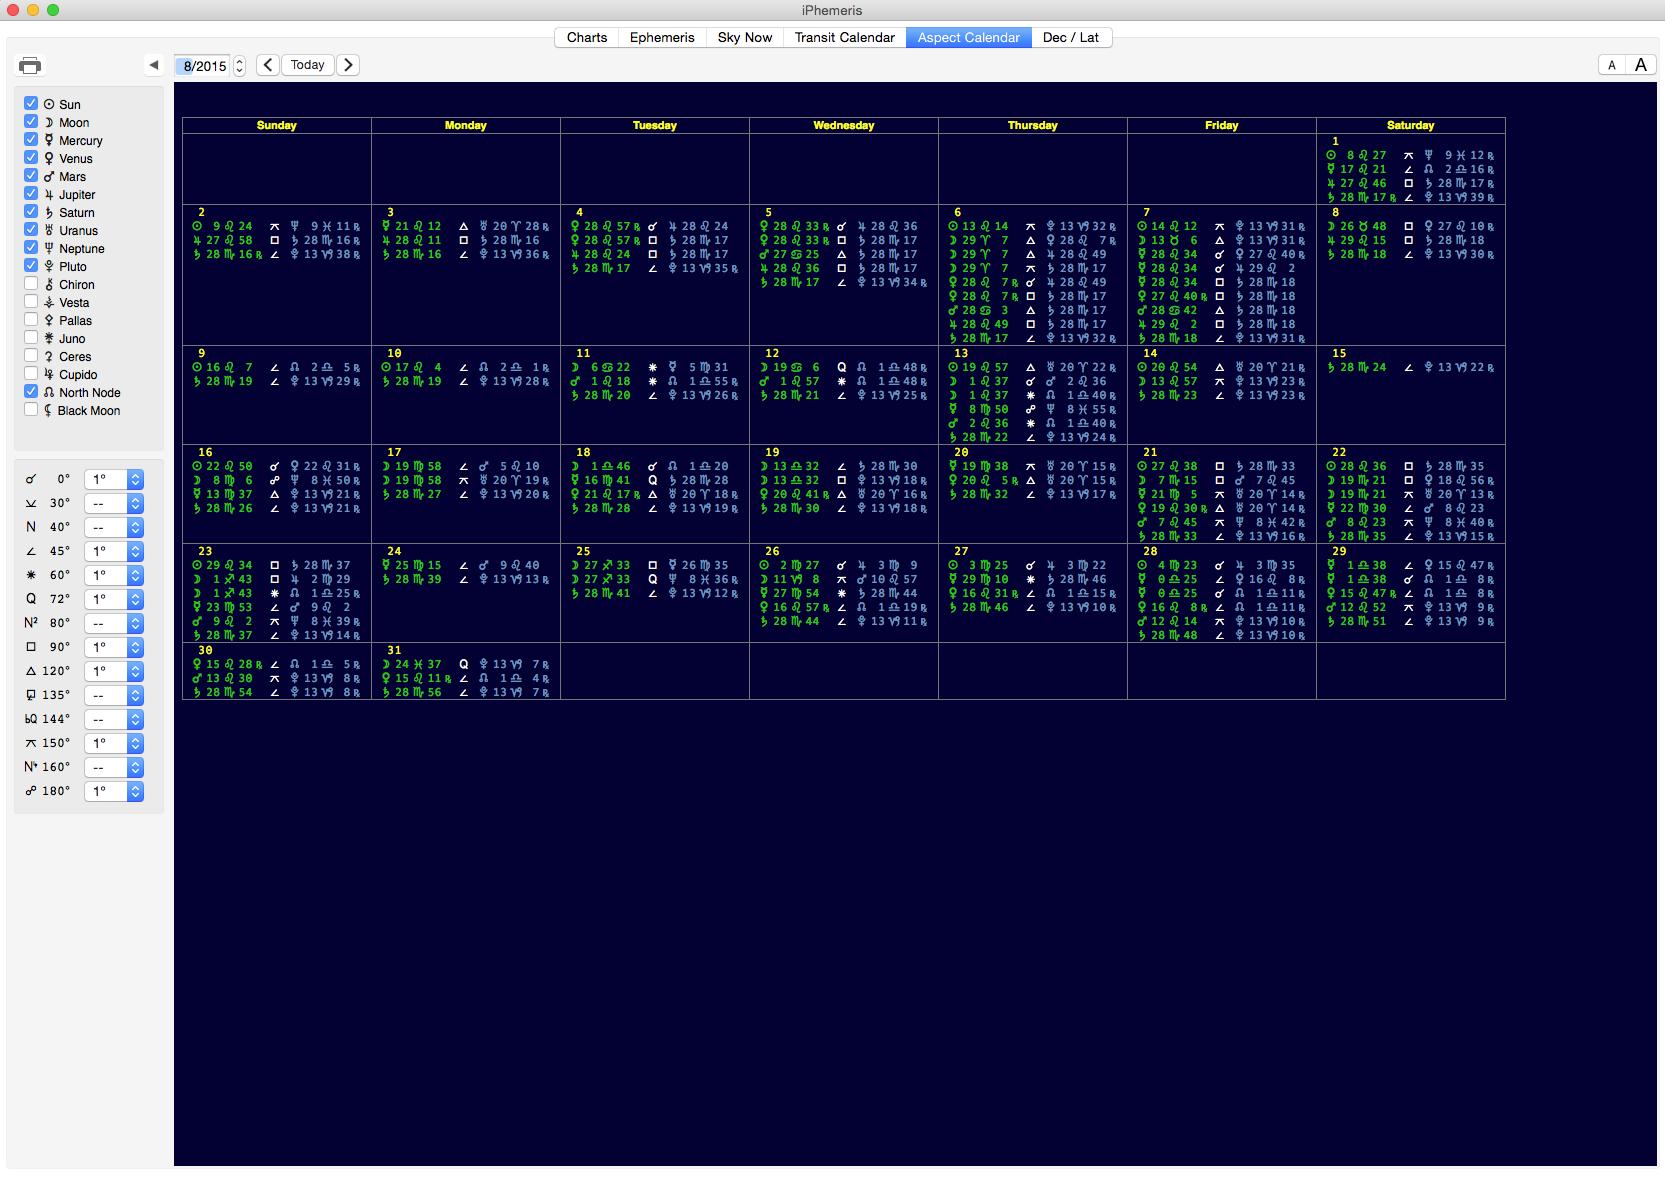 Iphemeris astrology software for mac osx astrological calendar